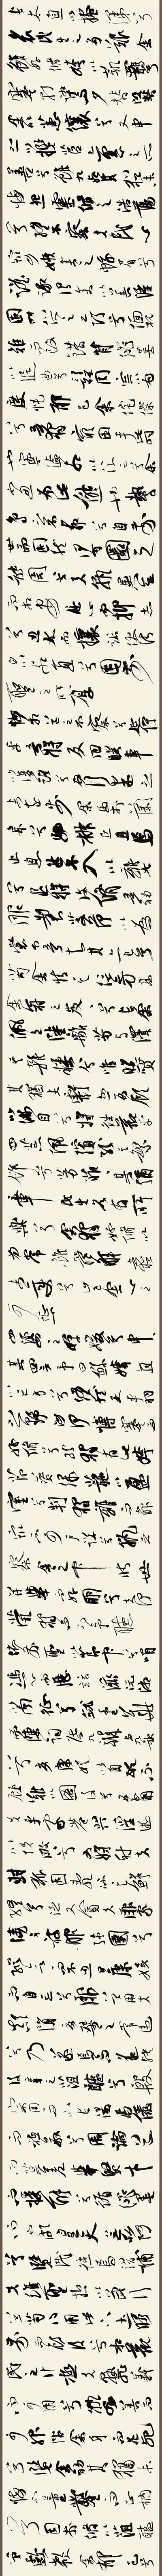 2018.06.18 书法日课 《离骚》长卷2 缩图